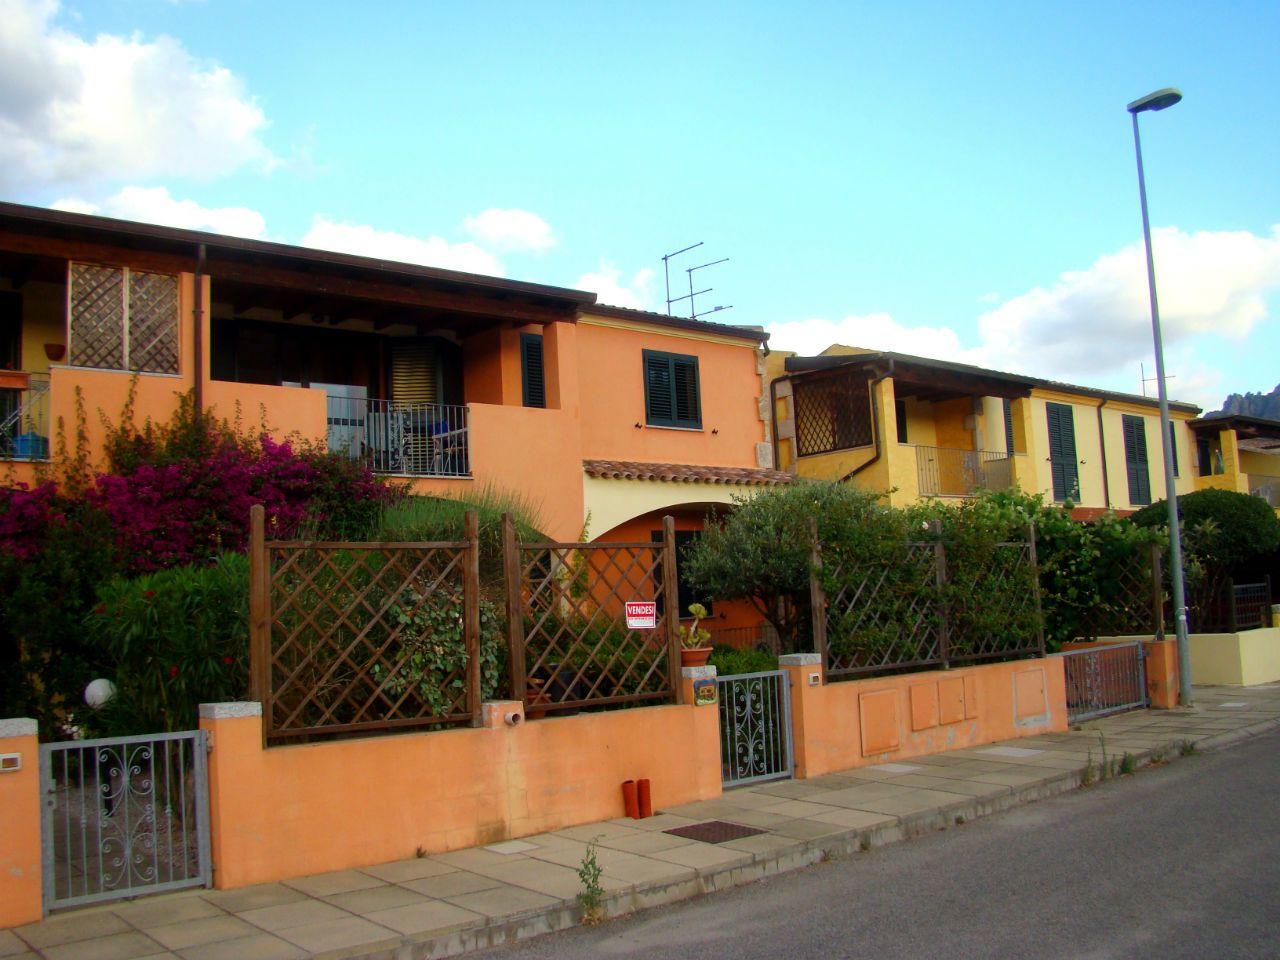 Квартира в Сассари, Италия, 65 м2 - фото 1